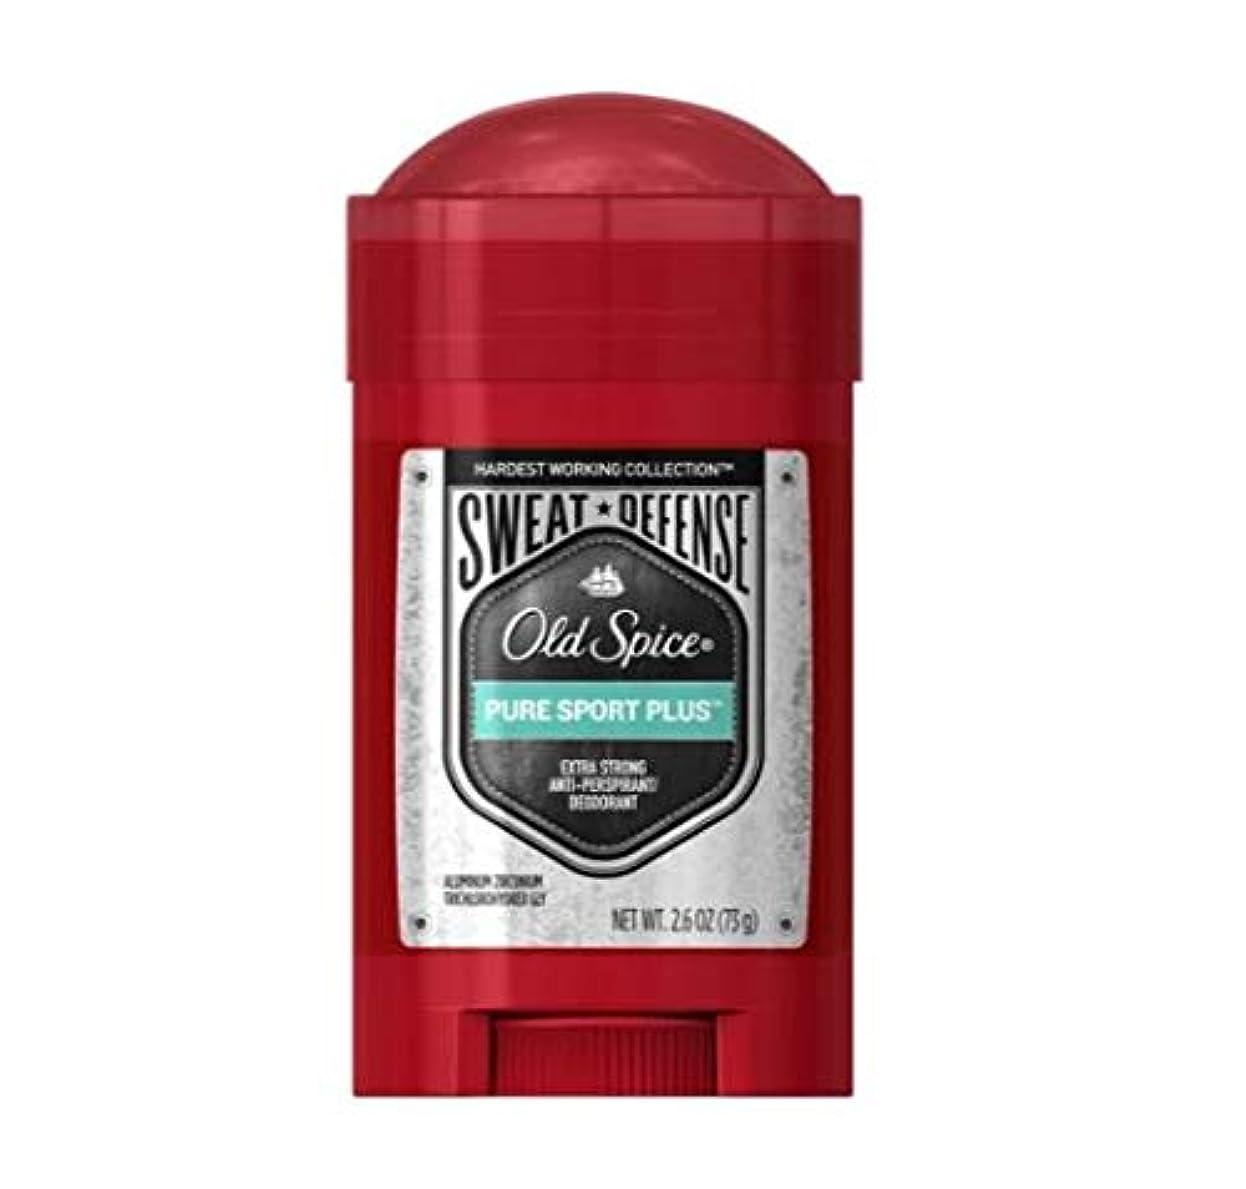 後ペースジョリーOld Spice Hardest Working Collection Antiperspirant Deodorant for Men Pure Sport Plus - 2.6oz オールドスパイス ハーデスト ワーキング コレクション スウェット ディフェンス ピュアスポーツプラス デオドラント 73g [並行輸入品]